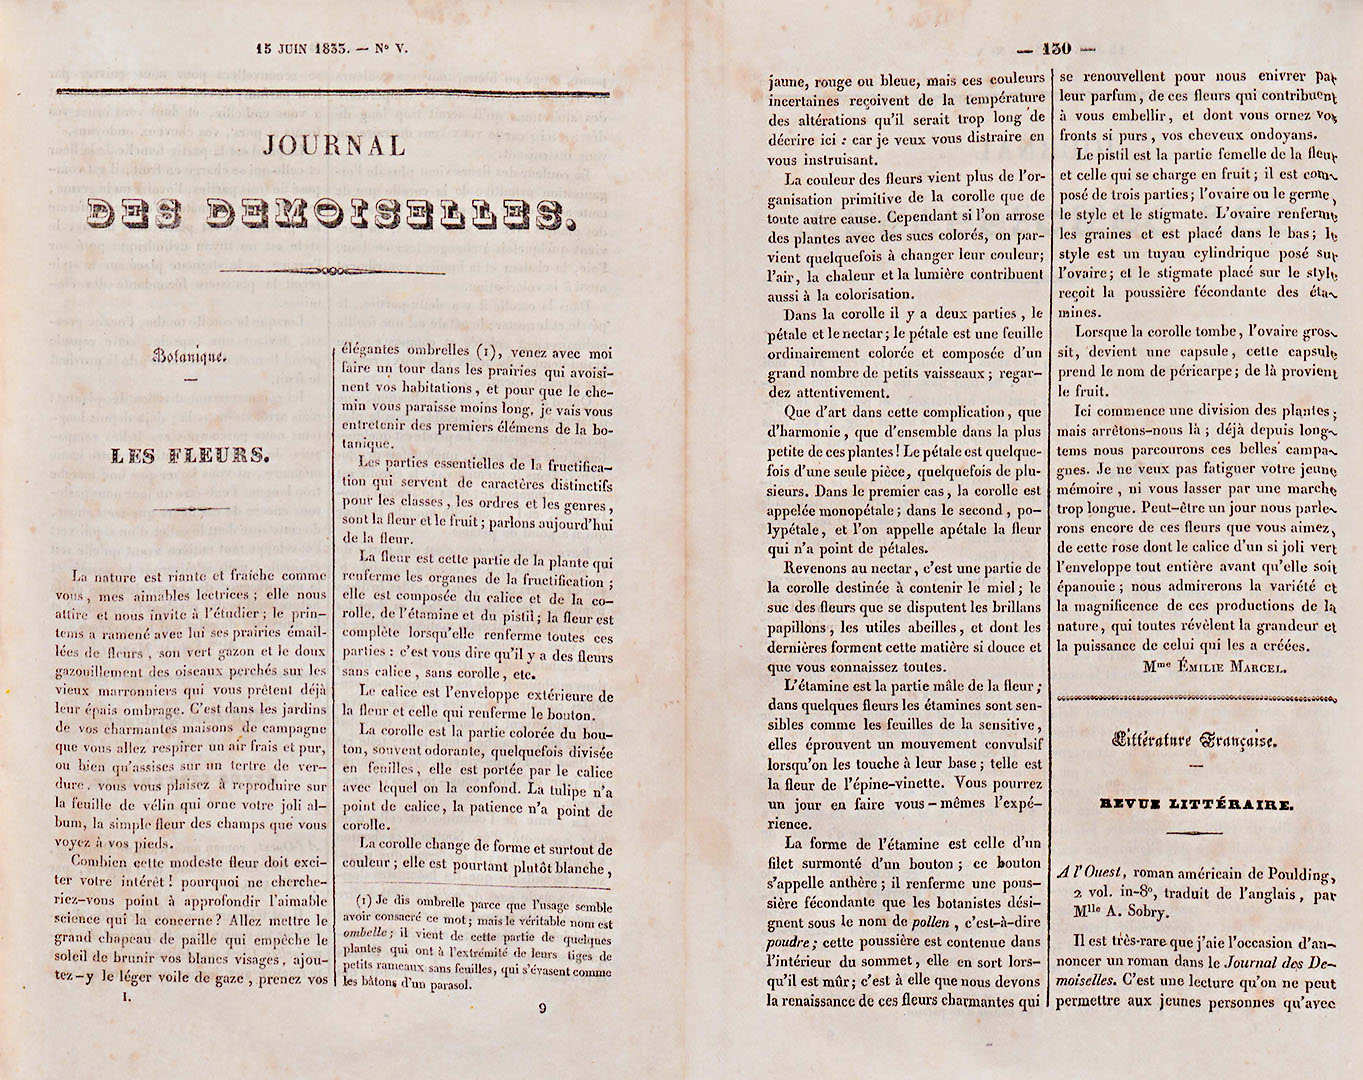 Article de la rubrique Botanique, Journal des Demoiselles, vol.1833